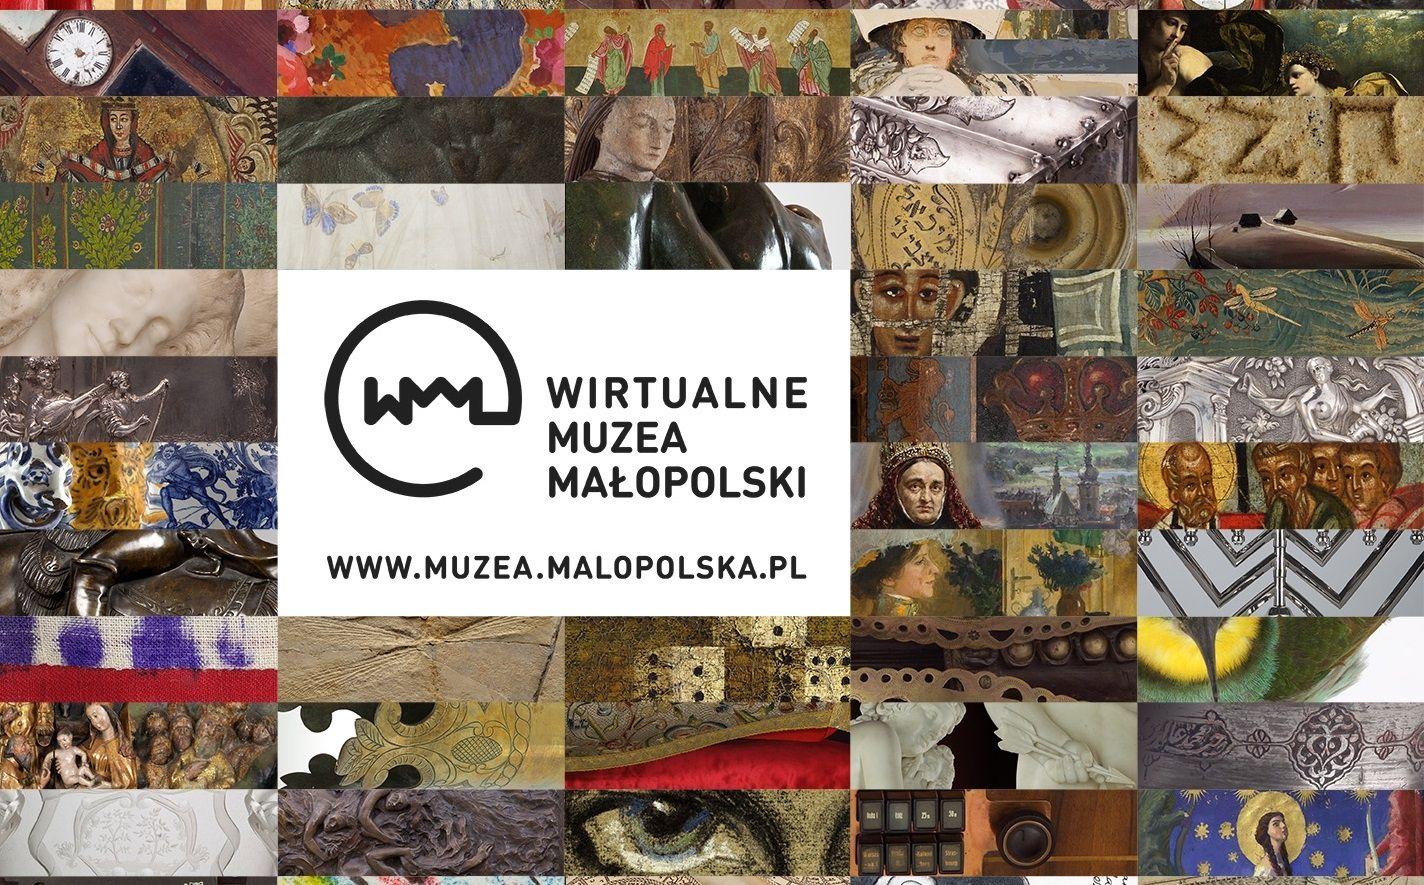 Wirtualne Muzea Małopolski - plakat informacyjny